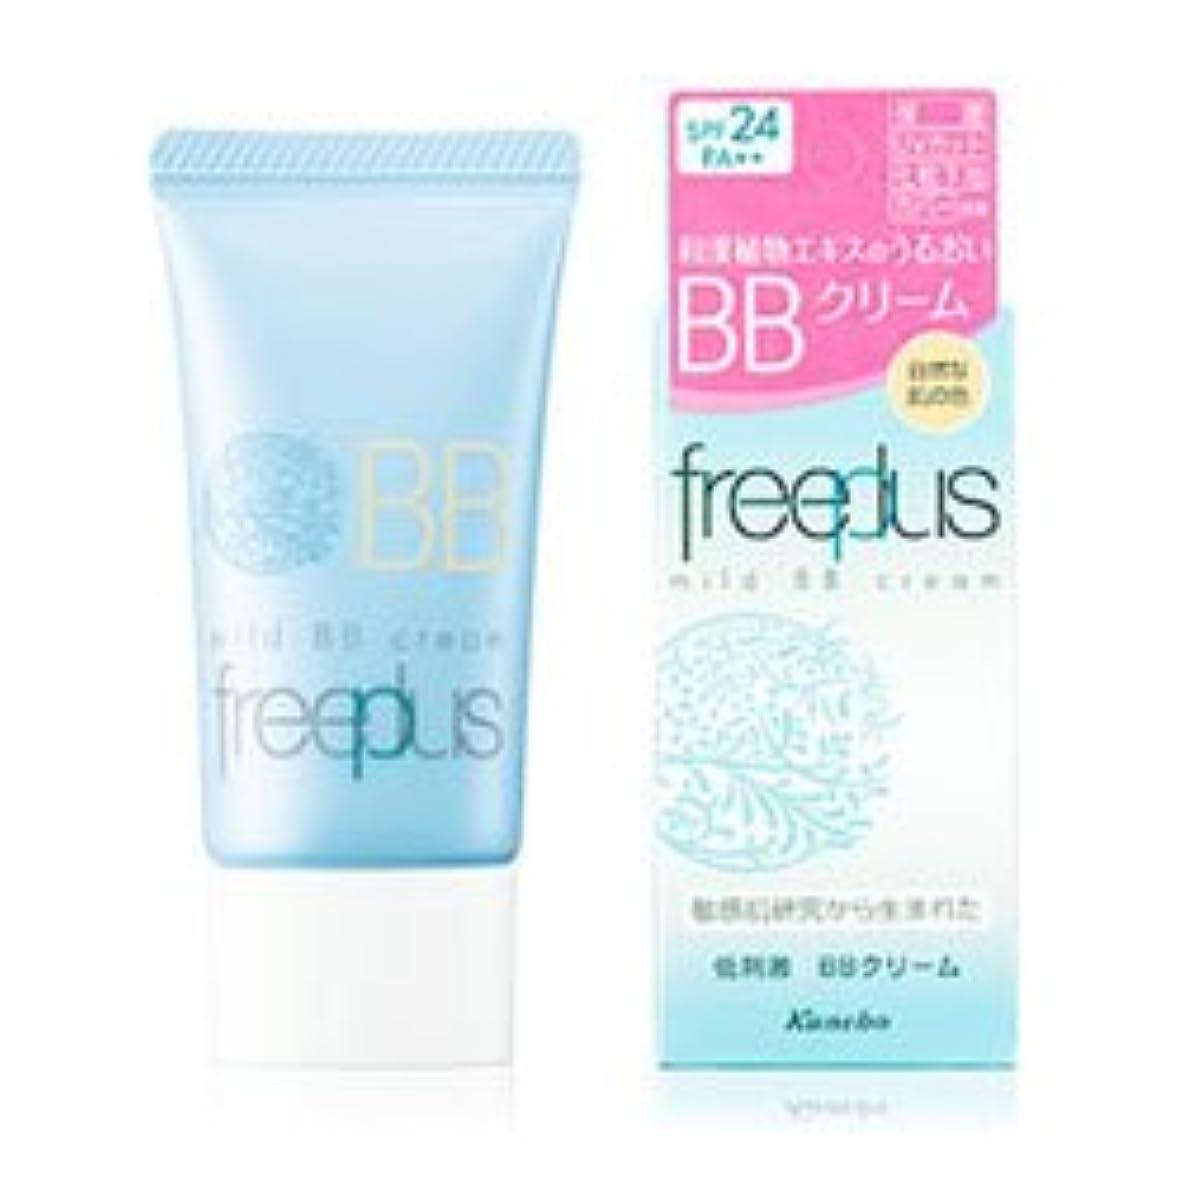 スーパーマーケット商標アドバイス【カネボウ化粧品】freeplus フリープラス 30g ×3個セット